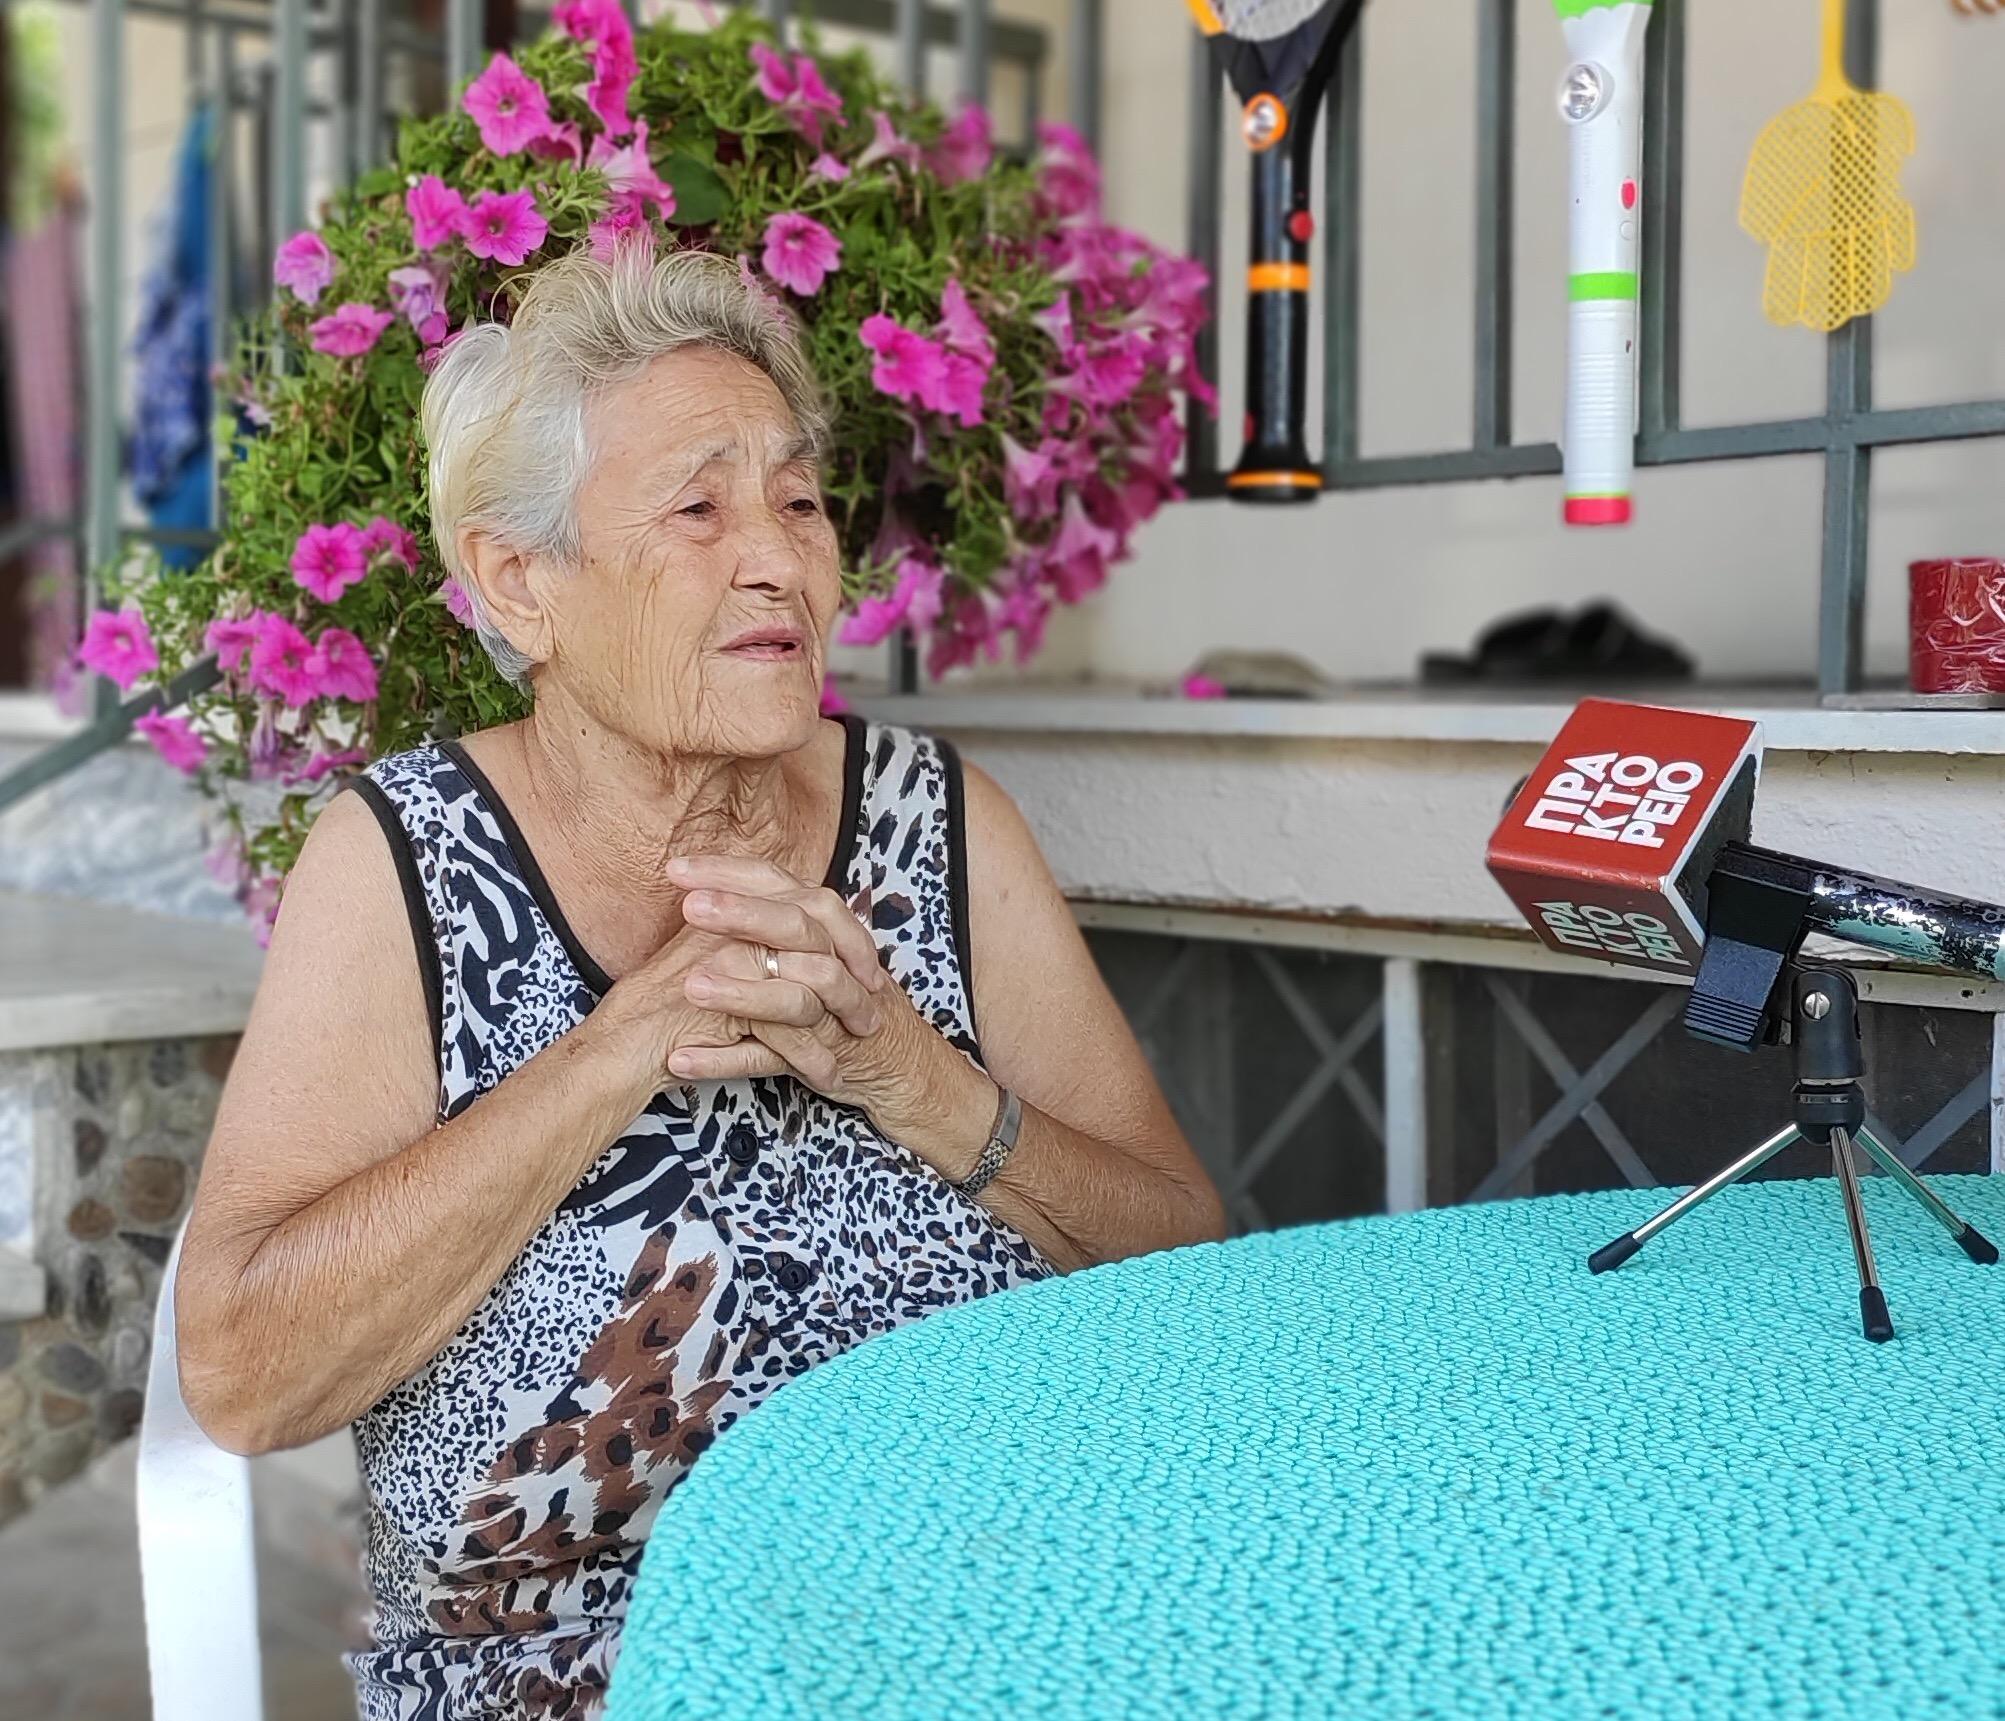 Μνήμες μιας άλλης εποχής! Όταν η ΔΕΘ «σιώπησε» για πρώτη φορά – Η μαρτυρία 90χρονης